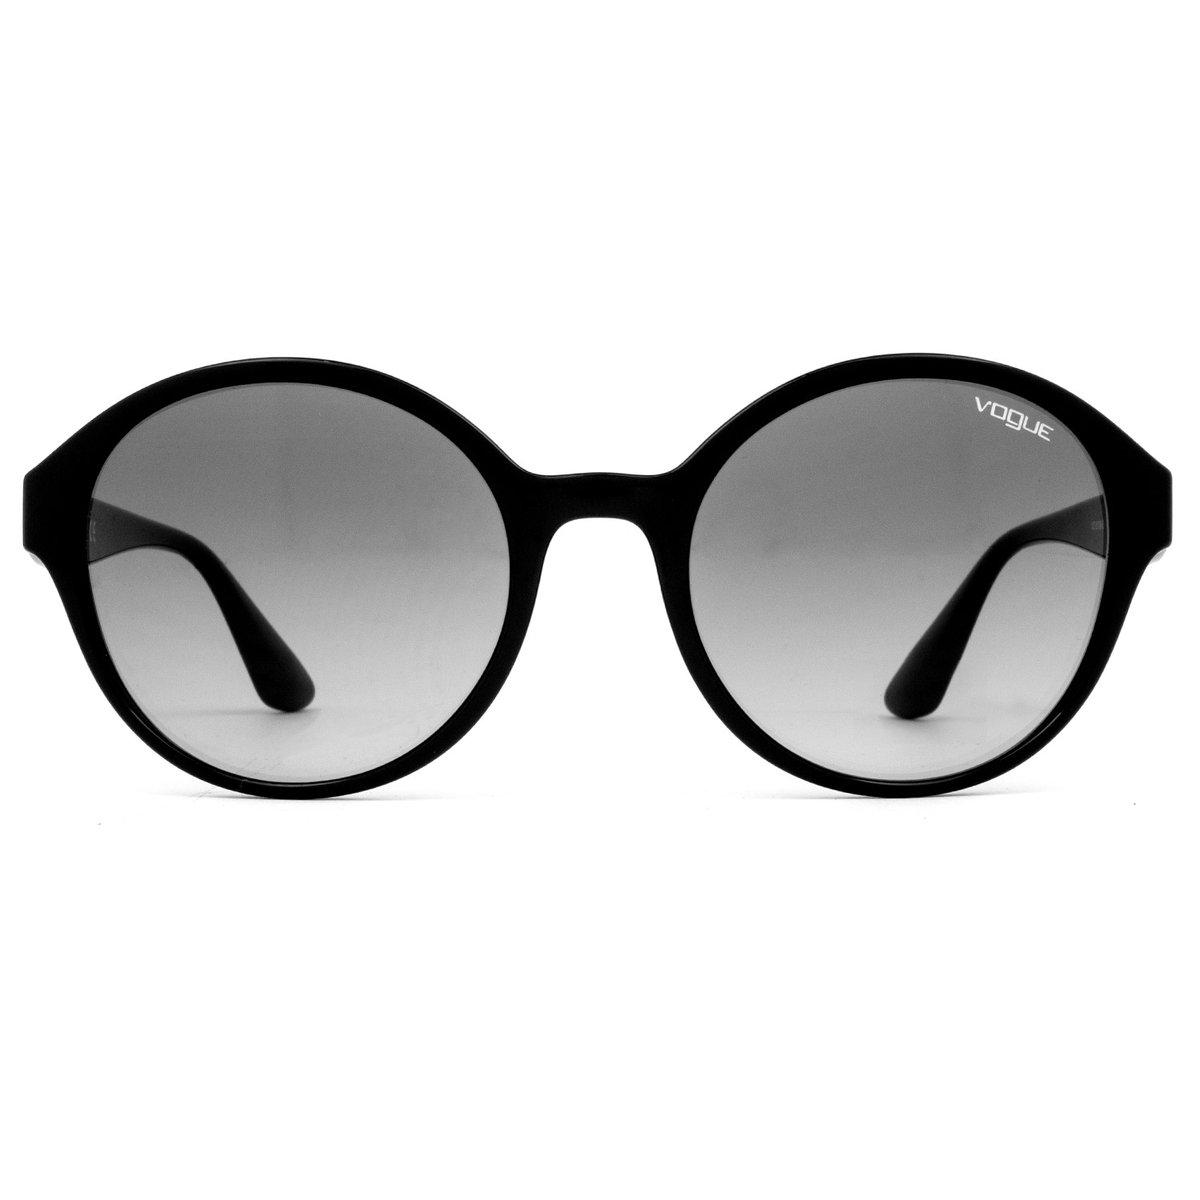 Óculos Vogue VO5106S W44 11-54 - Compre Agora   Zattini 68434e032c